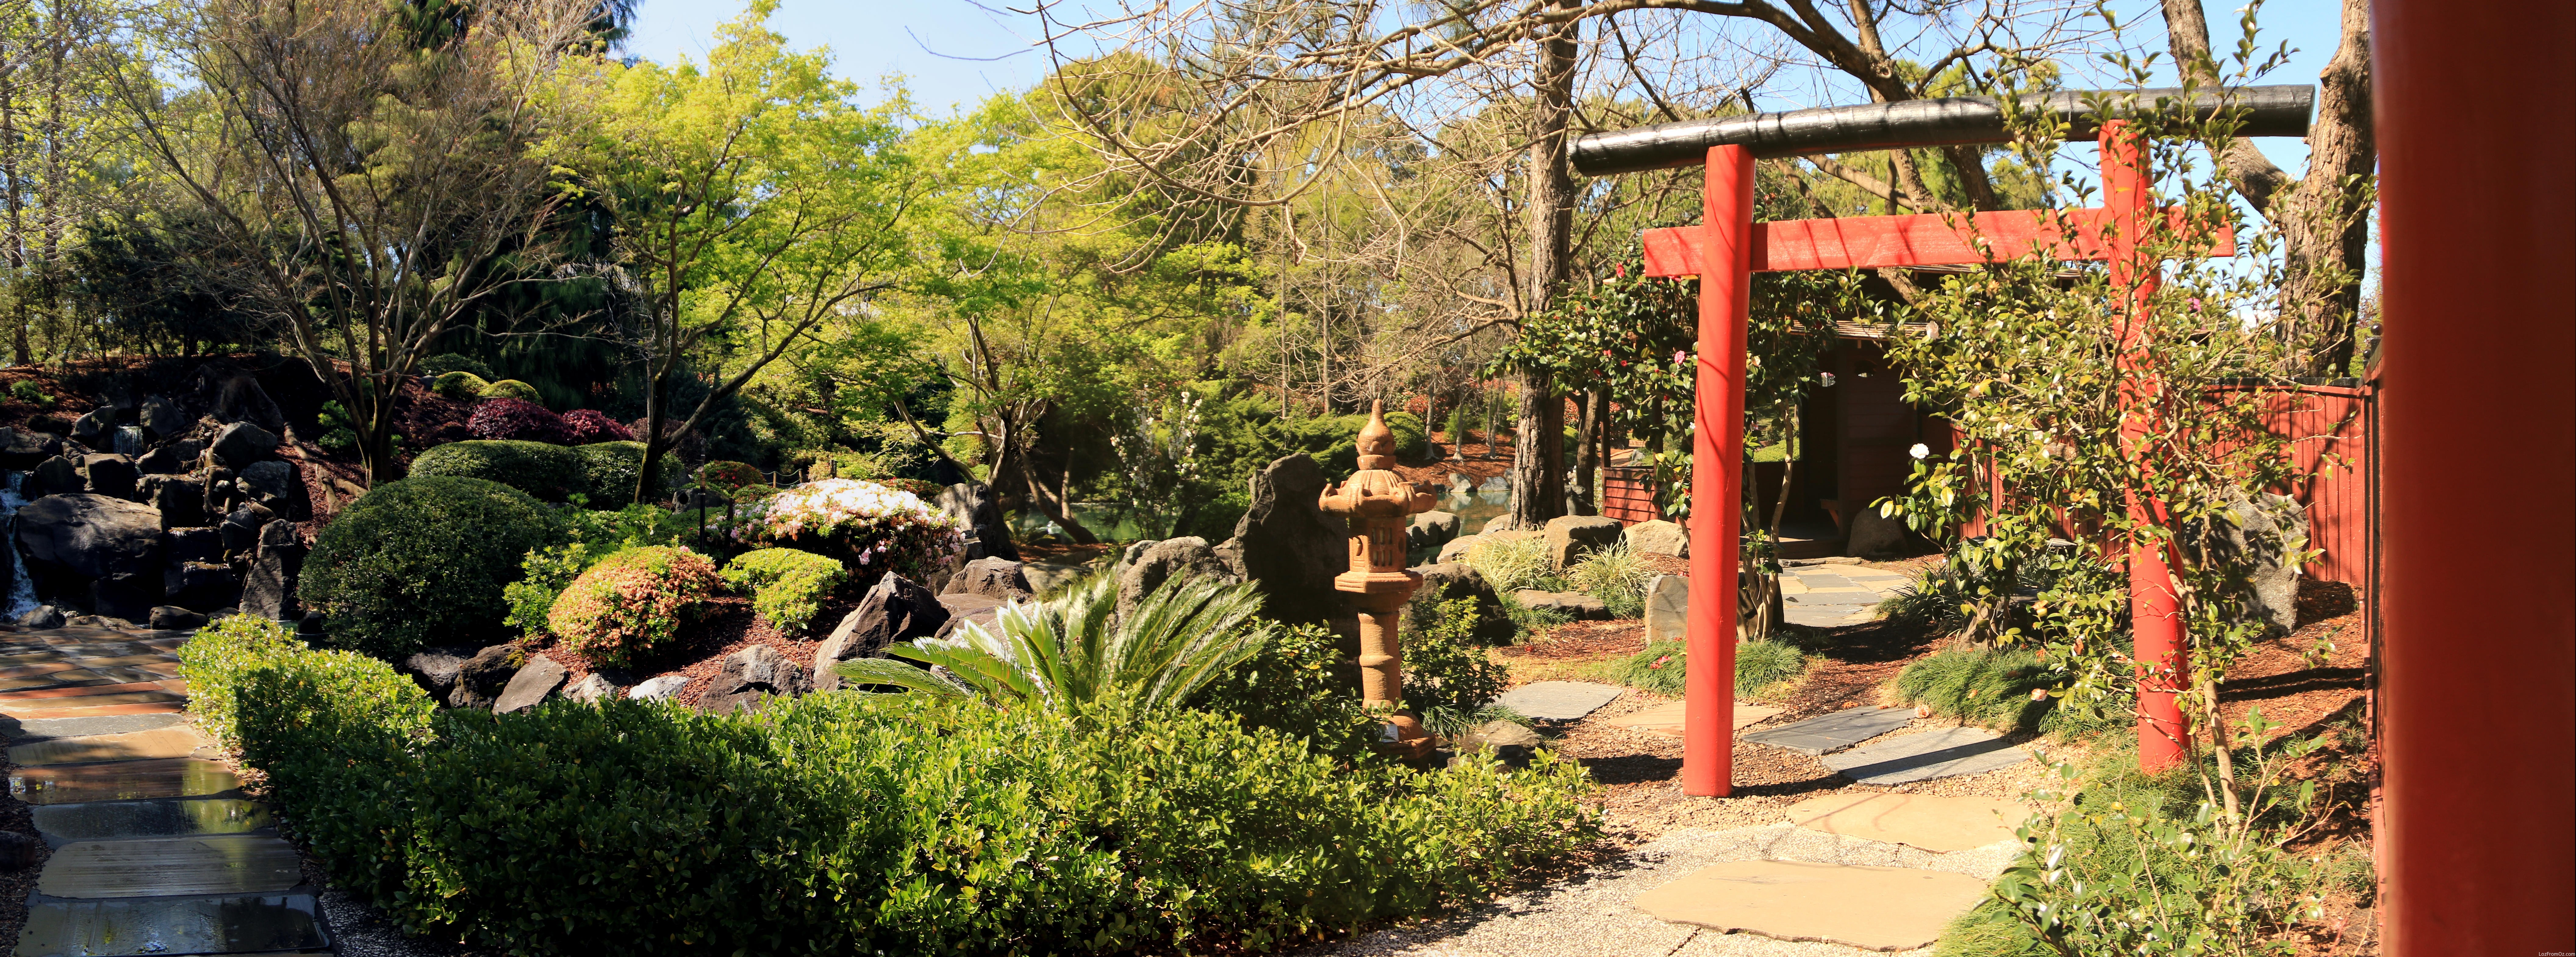 2016 Auburn Botanic Gardens